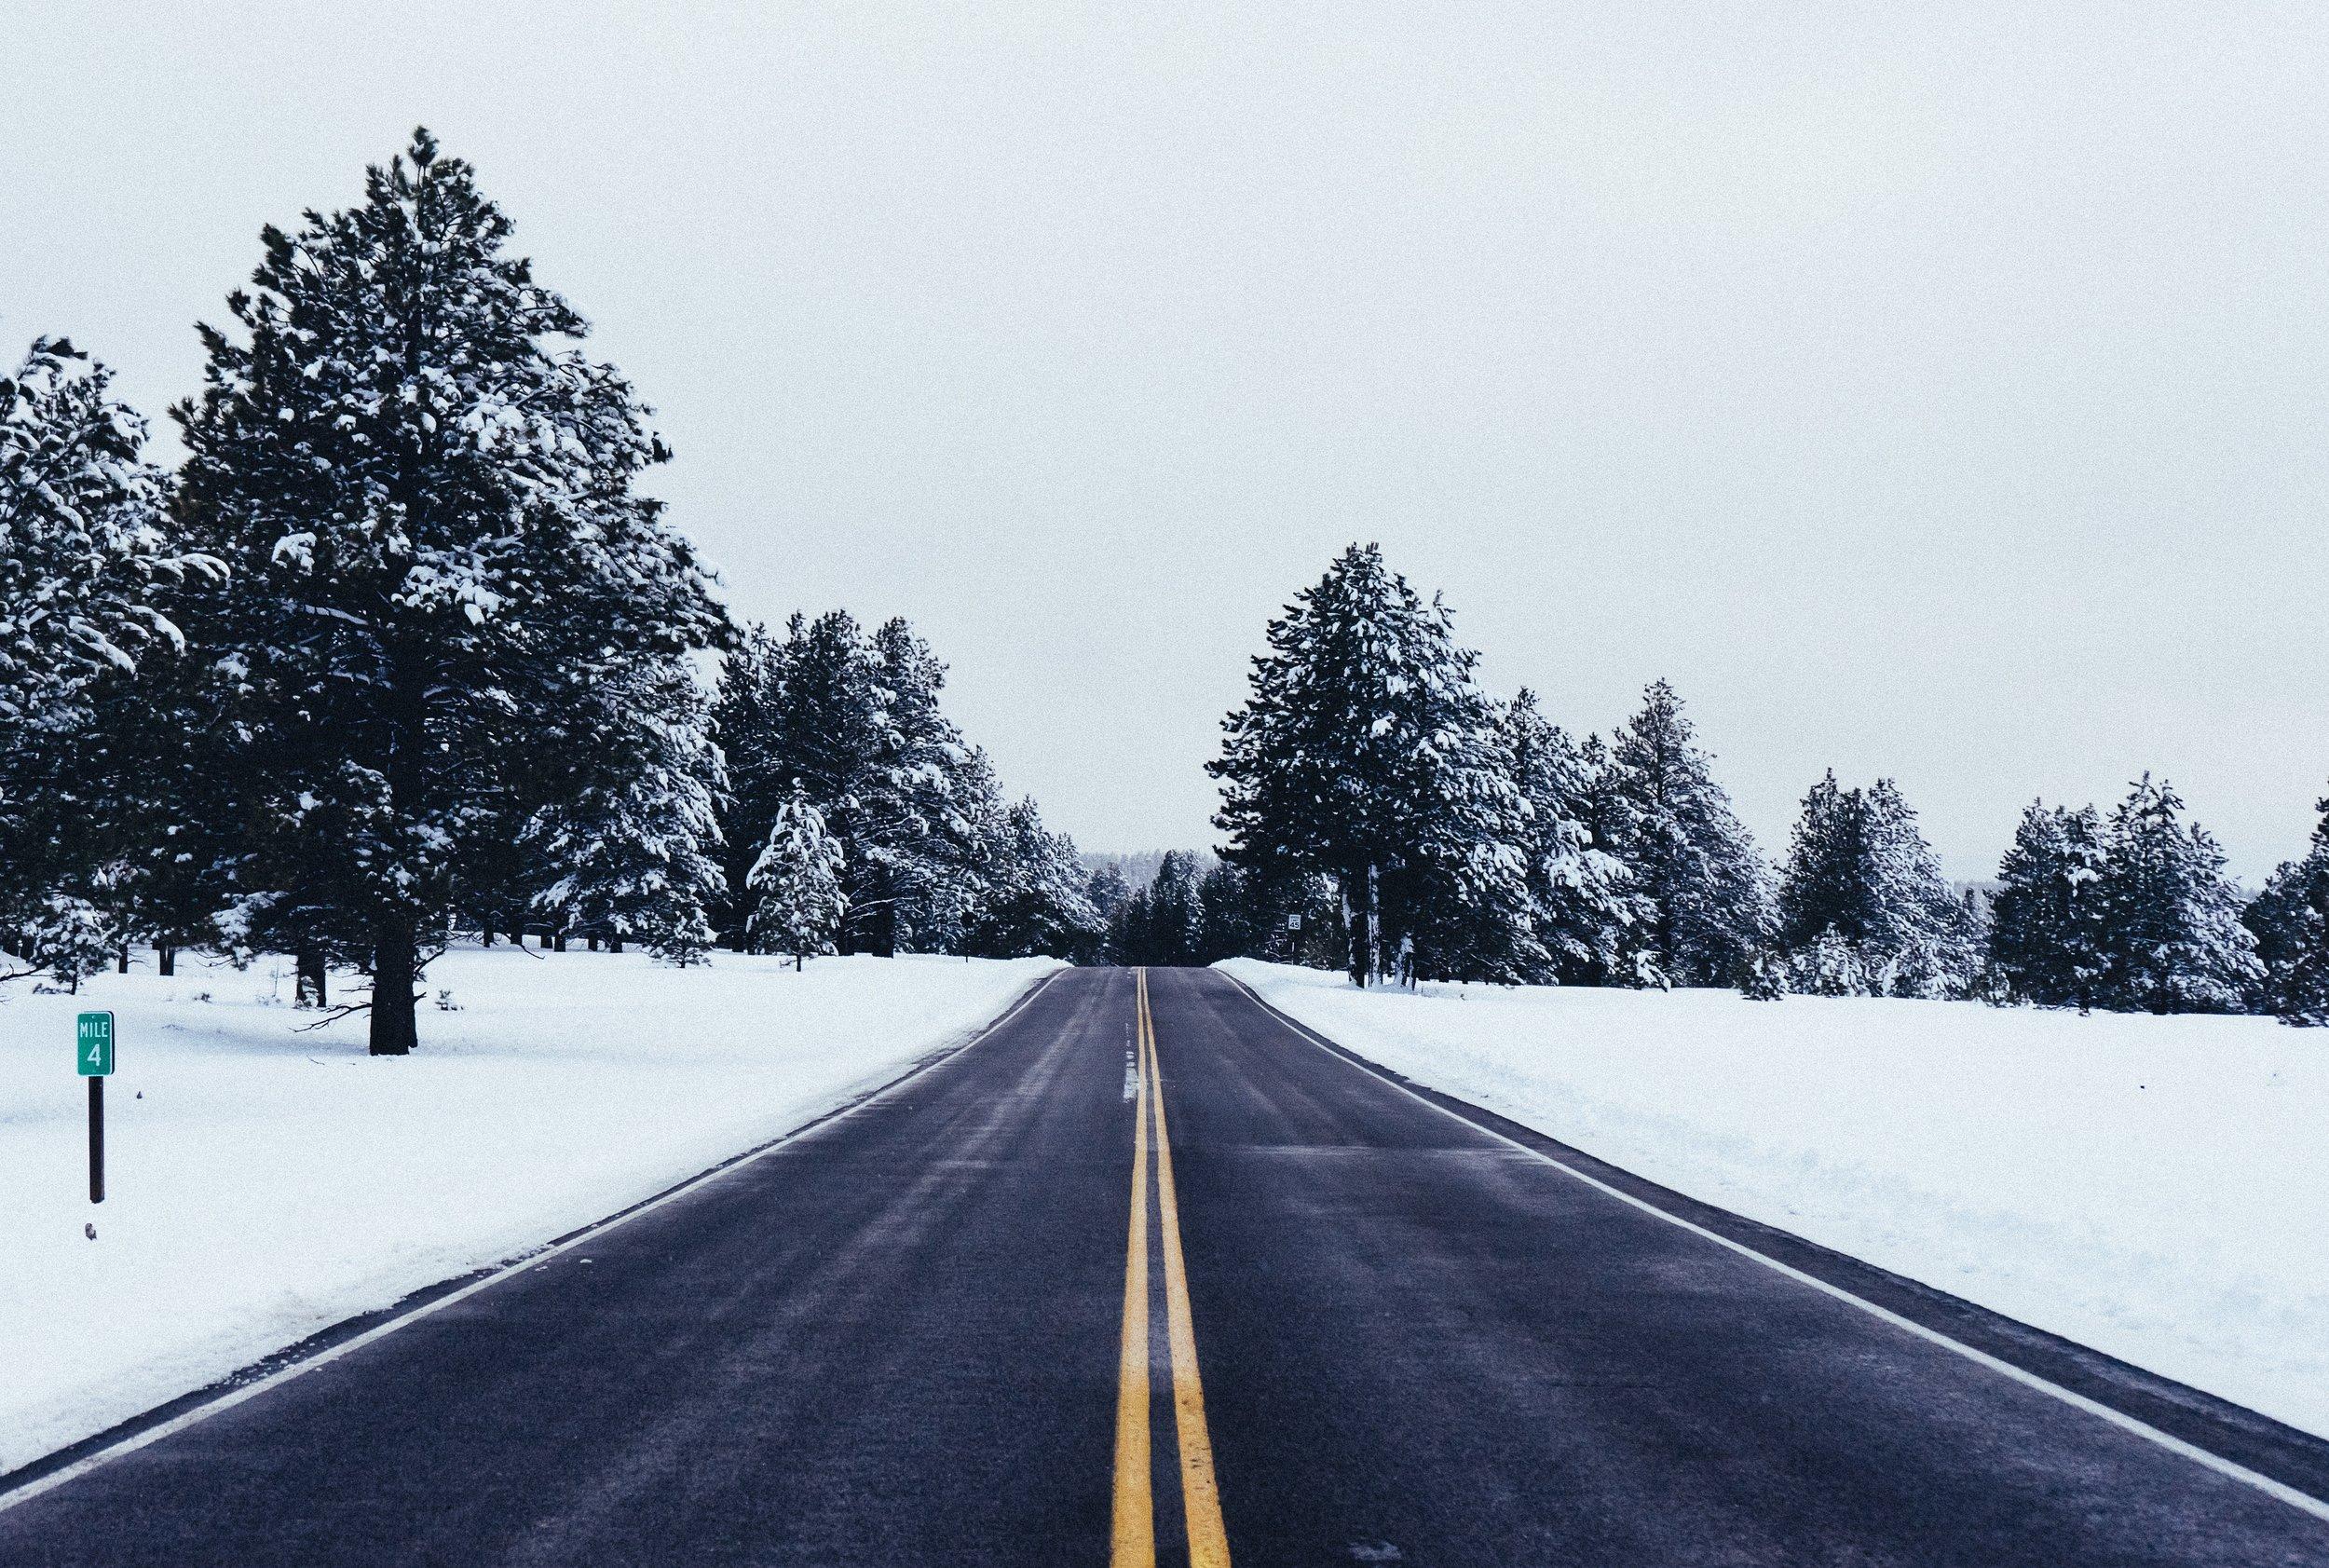 'snowfall stopping...'